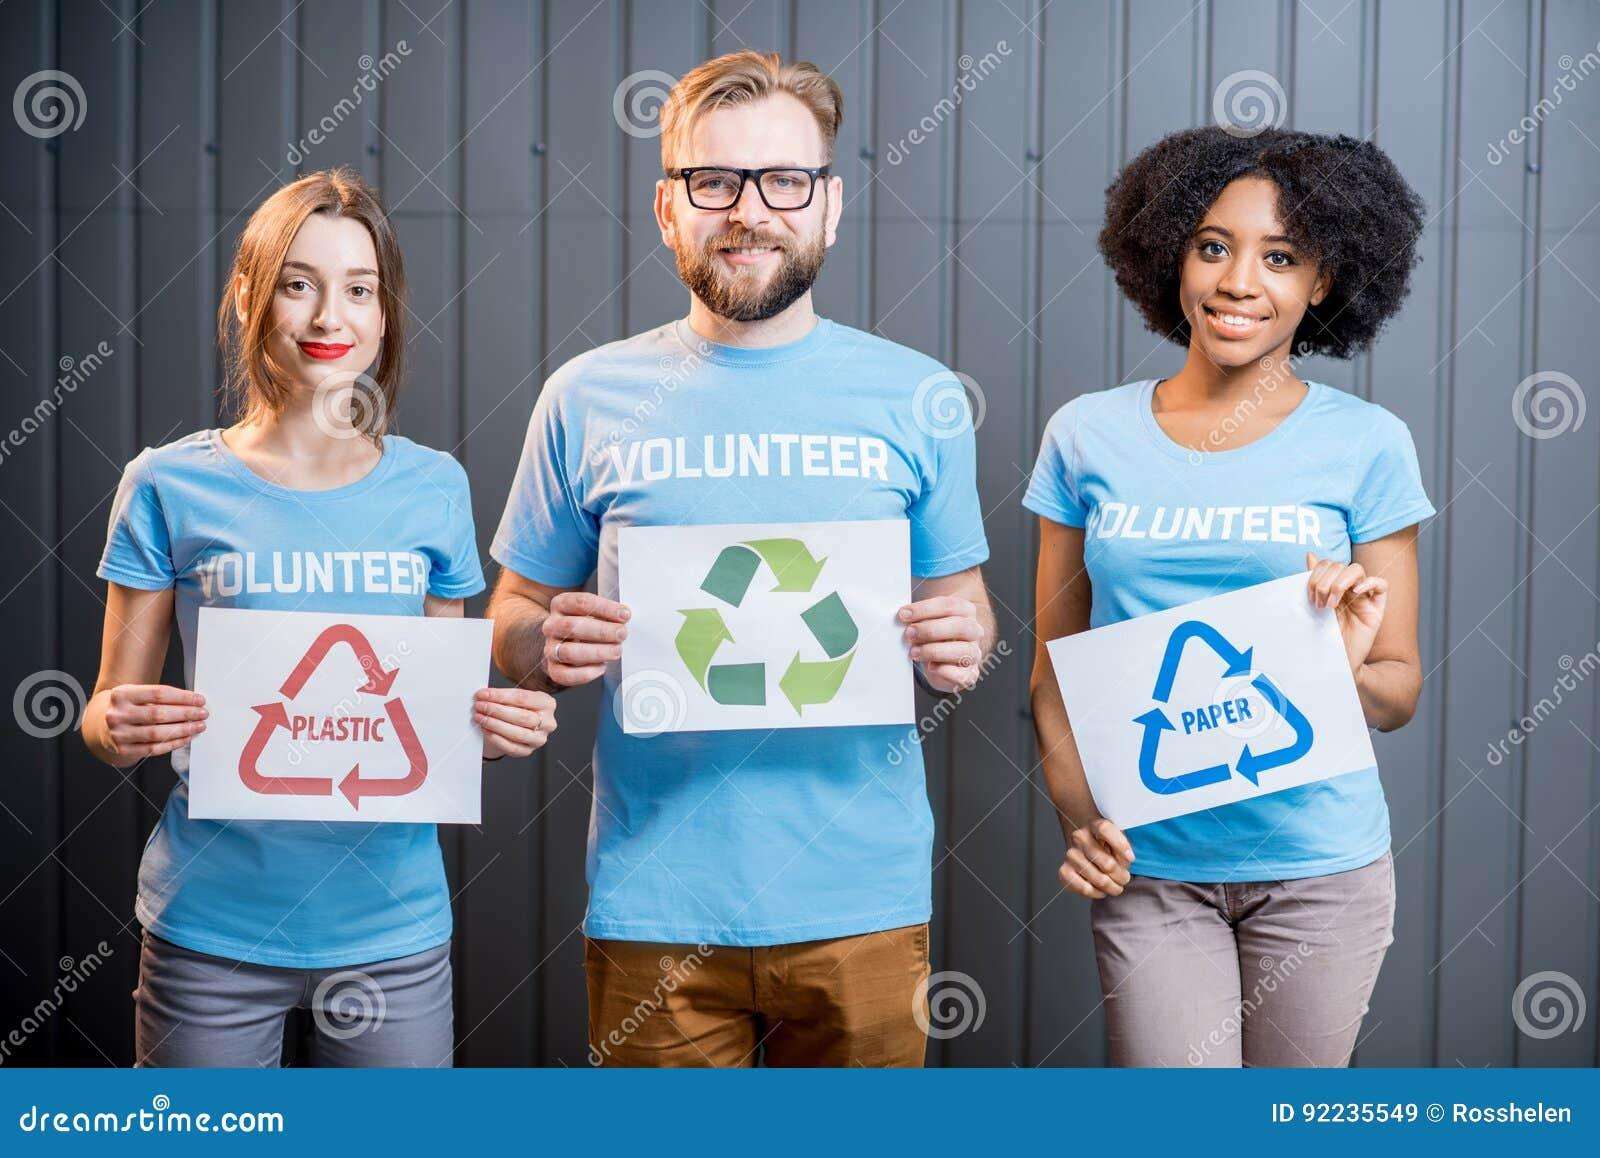 Wolontariuszi z znakami sortować odpady